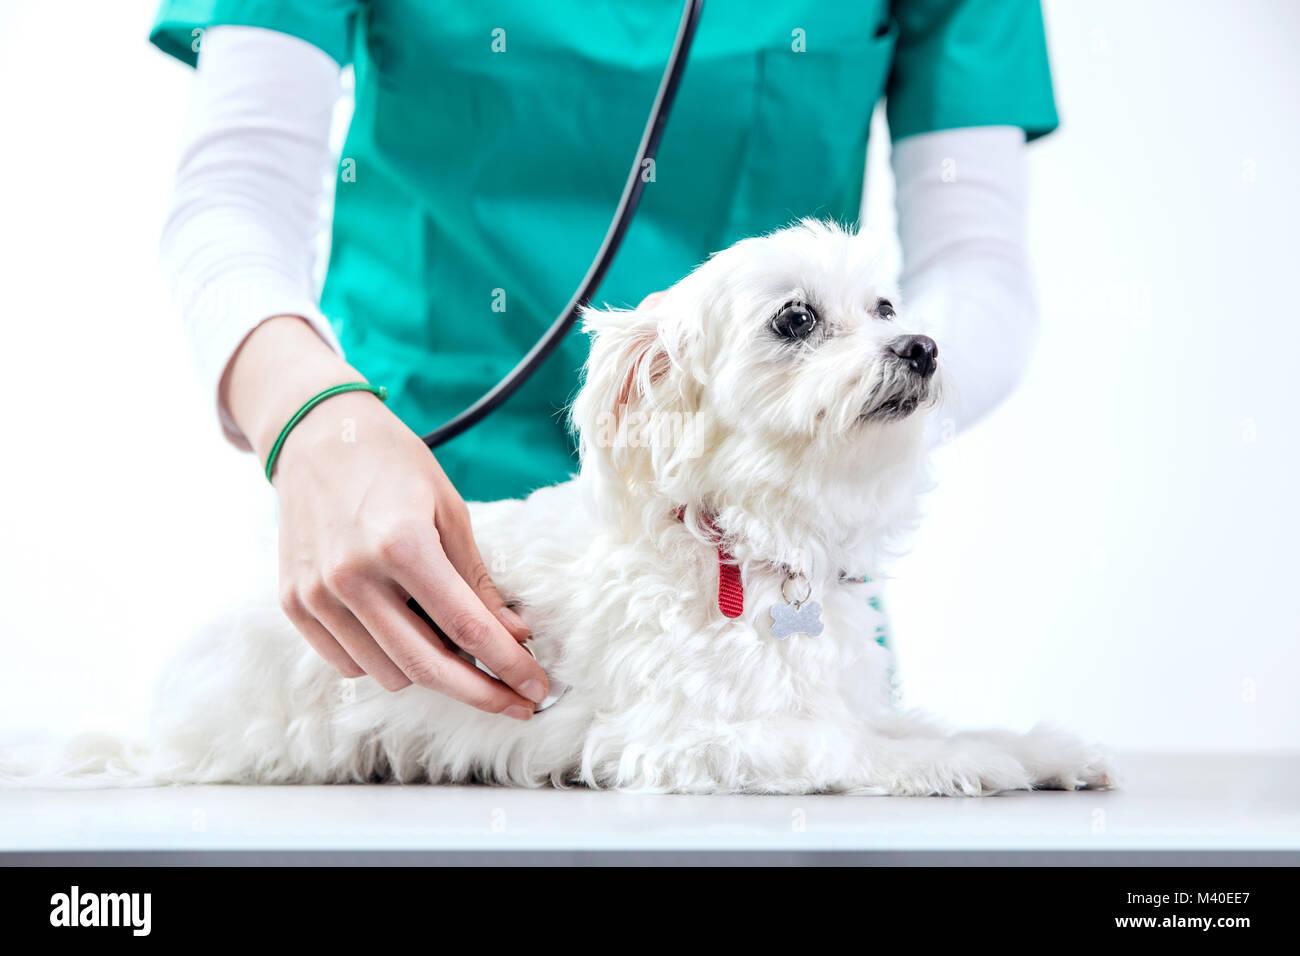 Un examinates efp méconnaissable chien à l'aide d'un stéthoscope Photo Stock